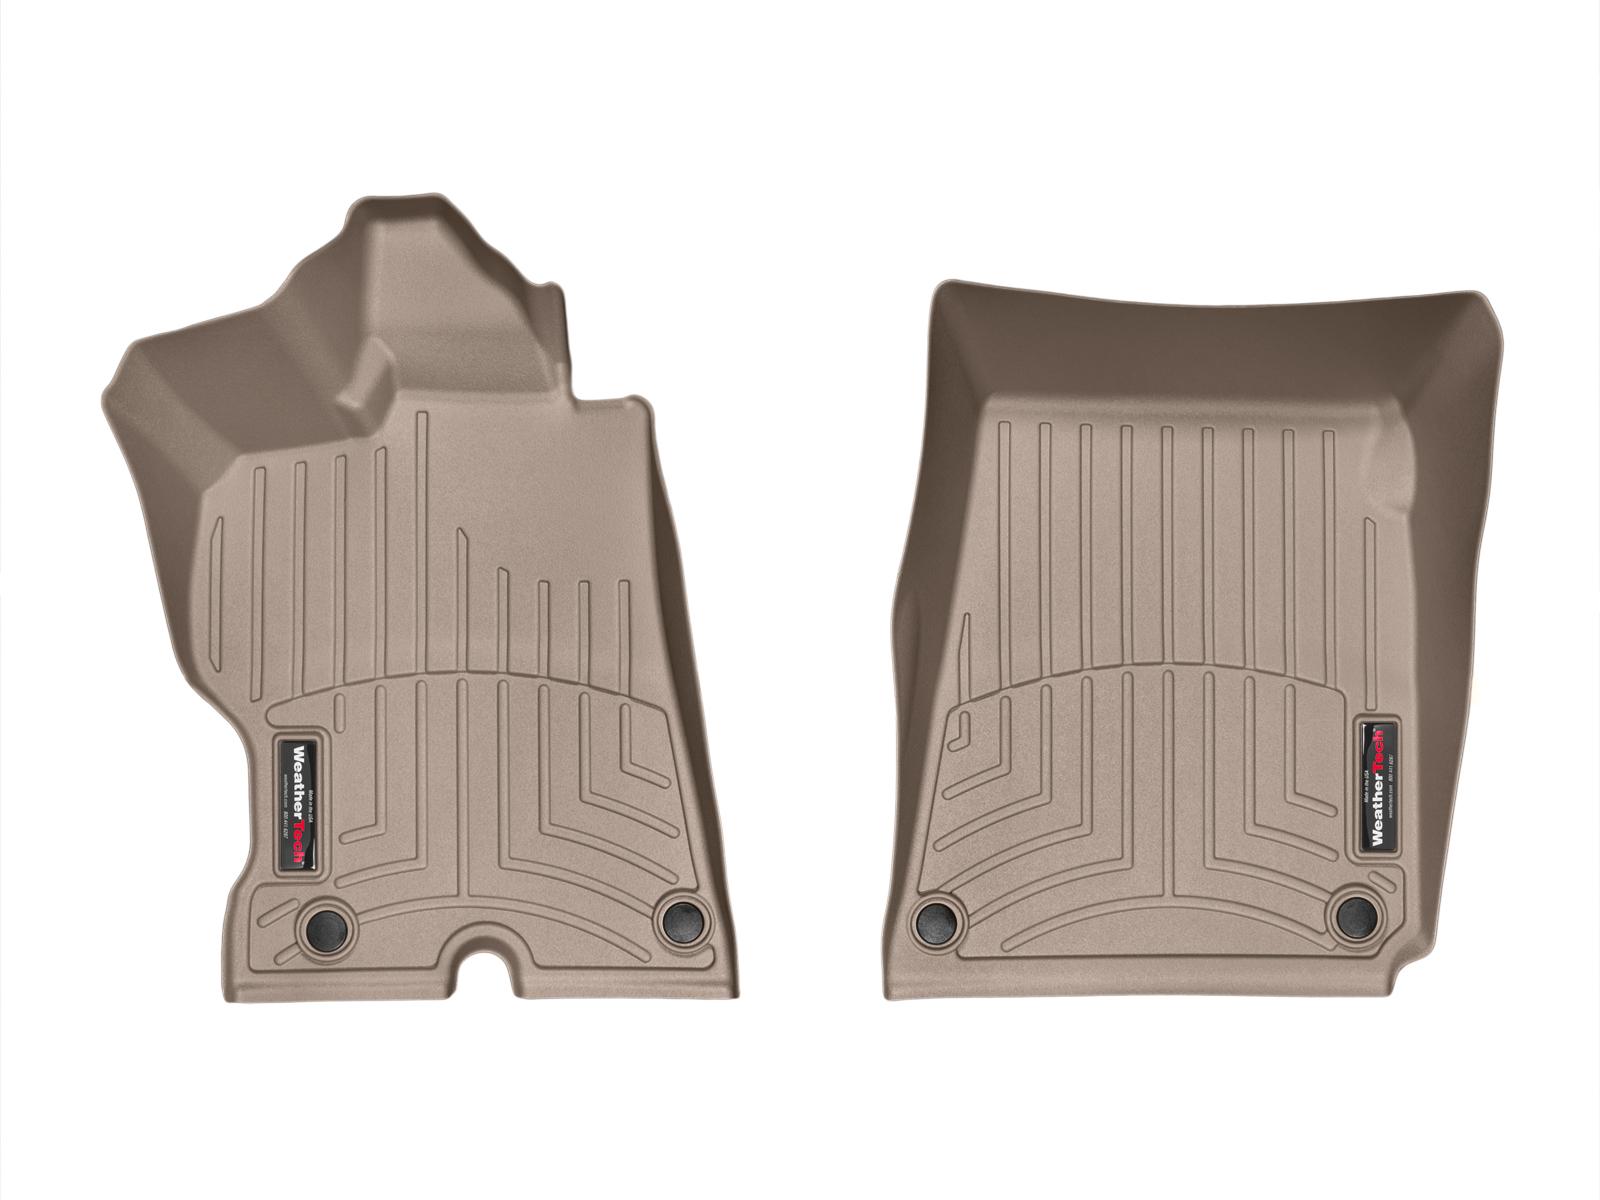 Tappeti gomma su misura bordo alto Ferrari FF 12>16 Marrone A747*